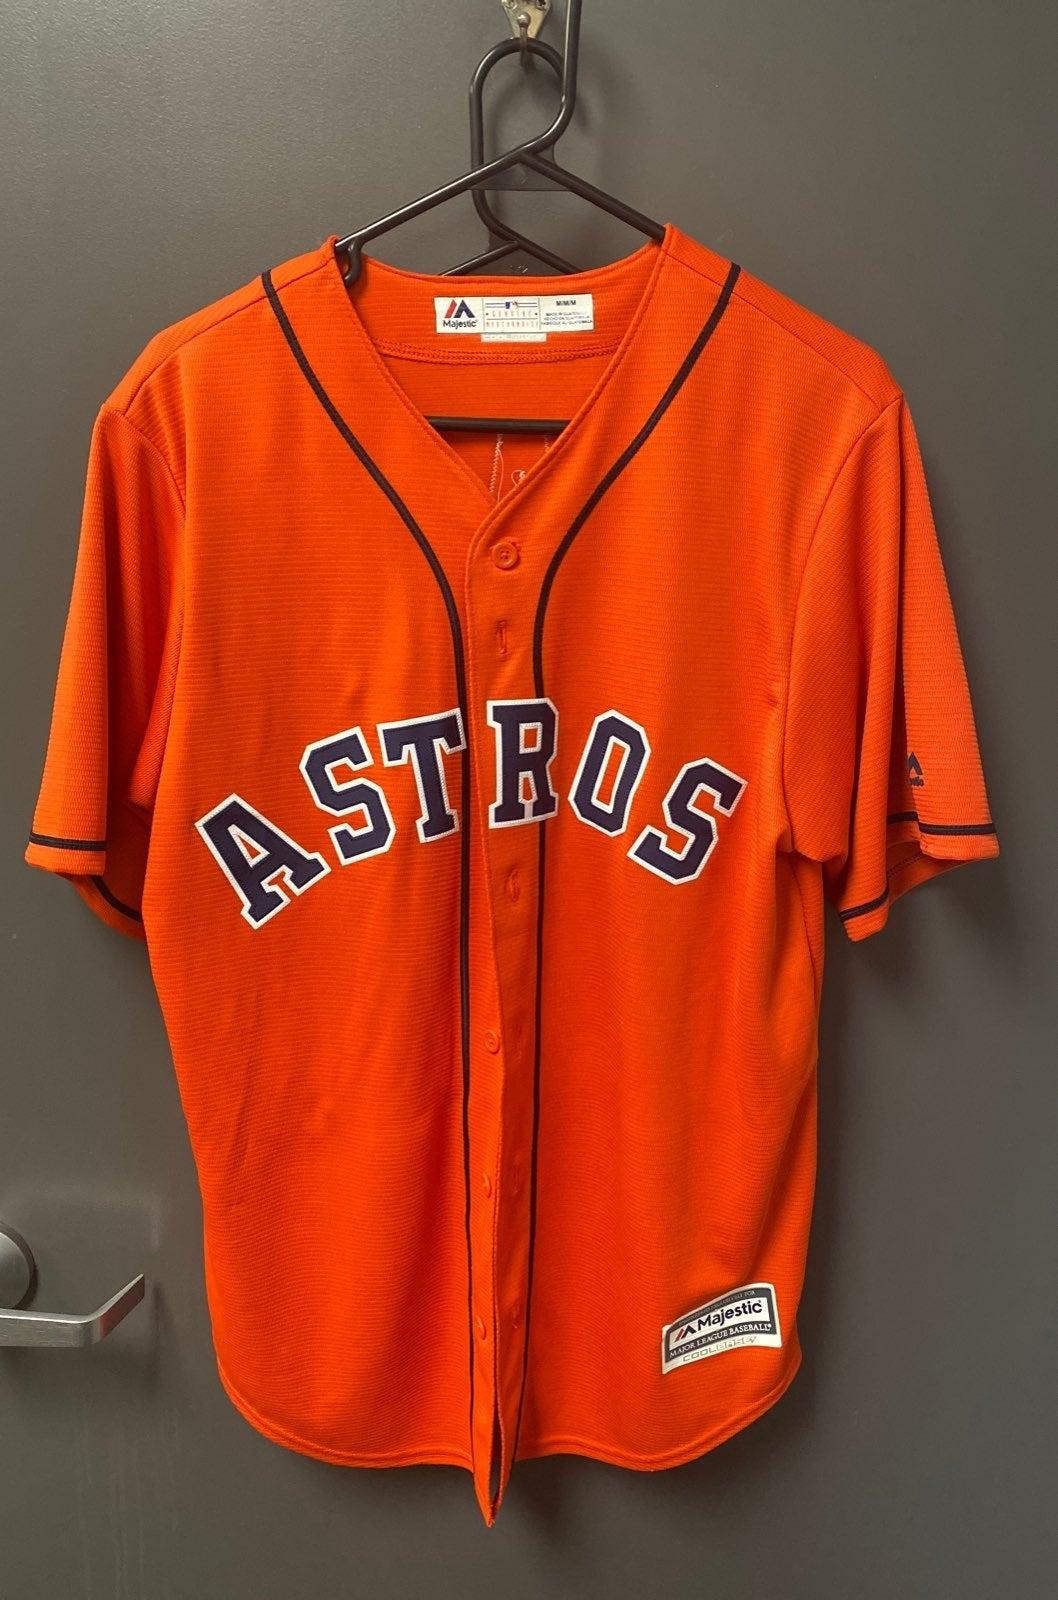 Men's Astros jersey